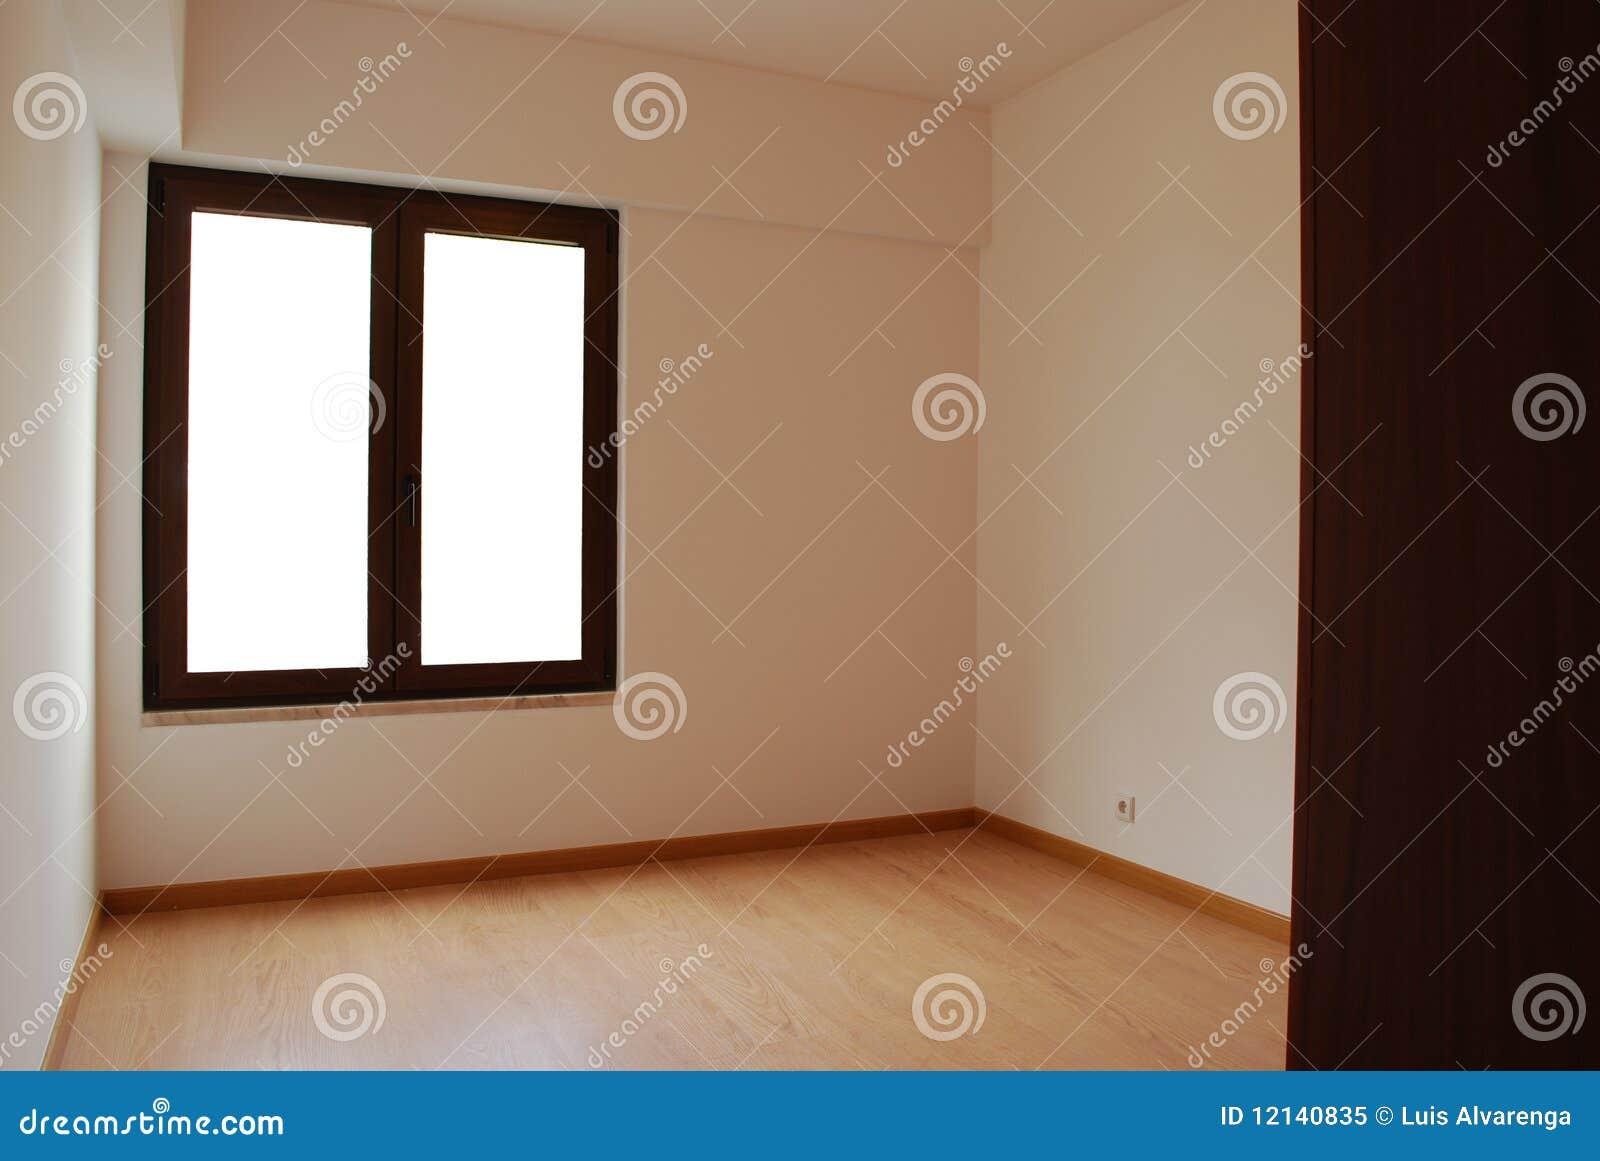 Lege en schone ruimte met houten vloer stock afbeelding afbeelding 12140835 - Ruimte model kamer houten ...